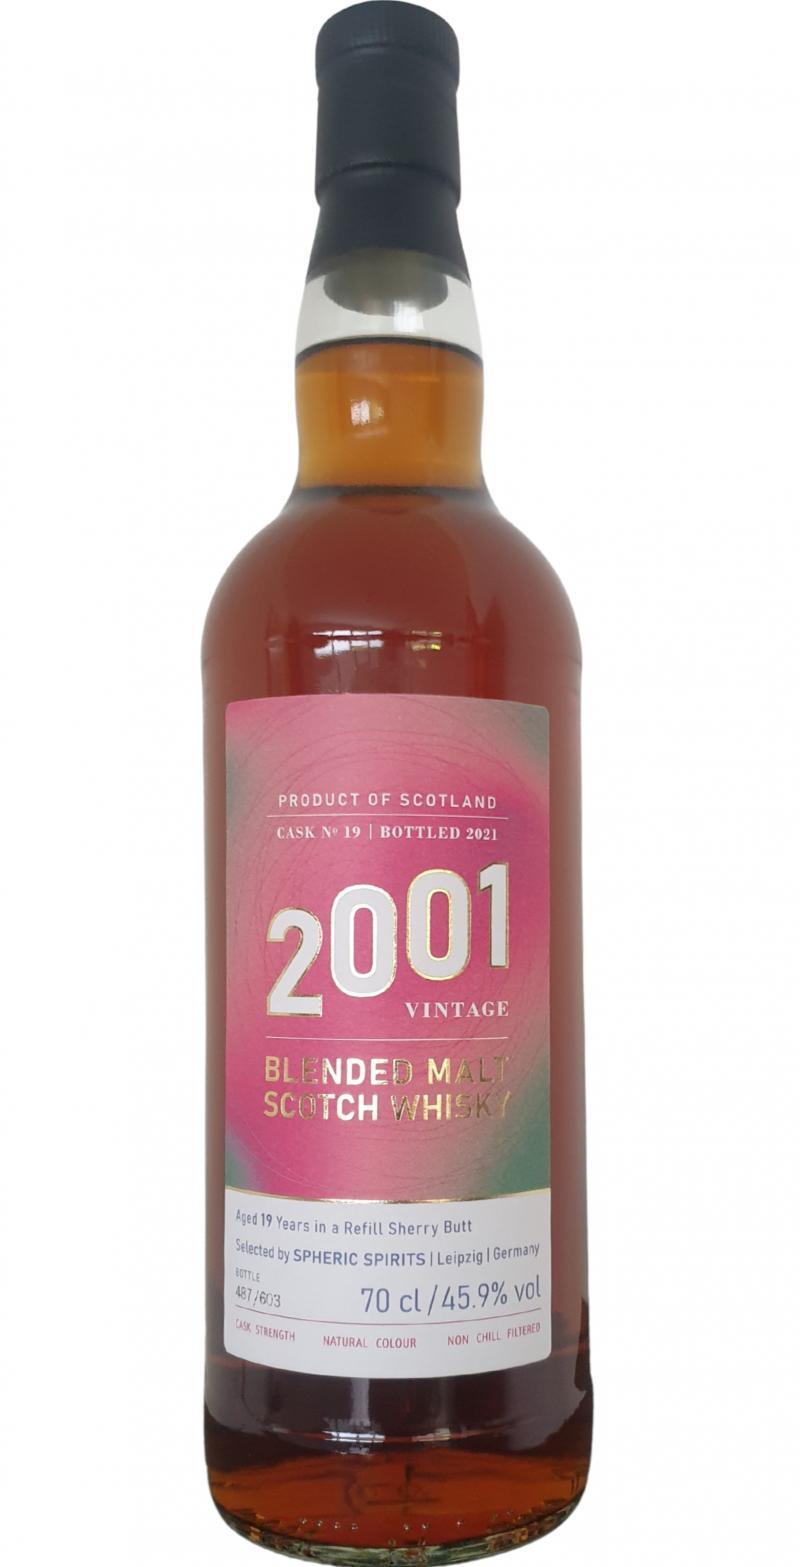 Blended Malt Scotch Whisky 2001 SpSp